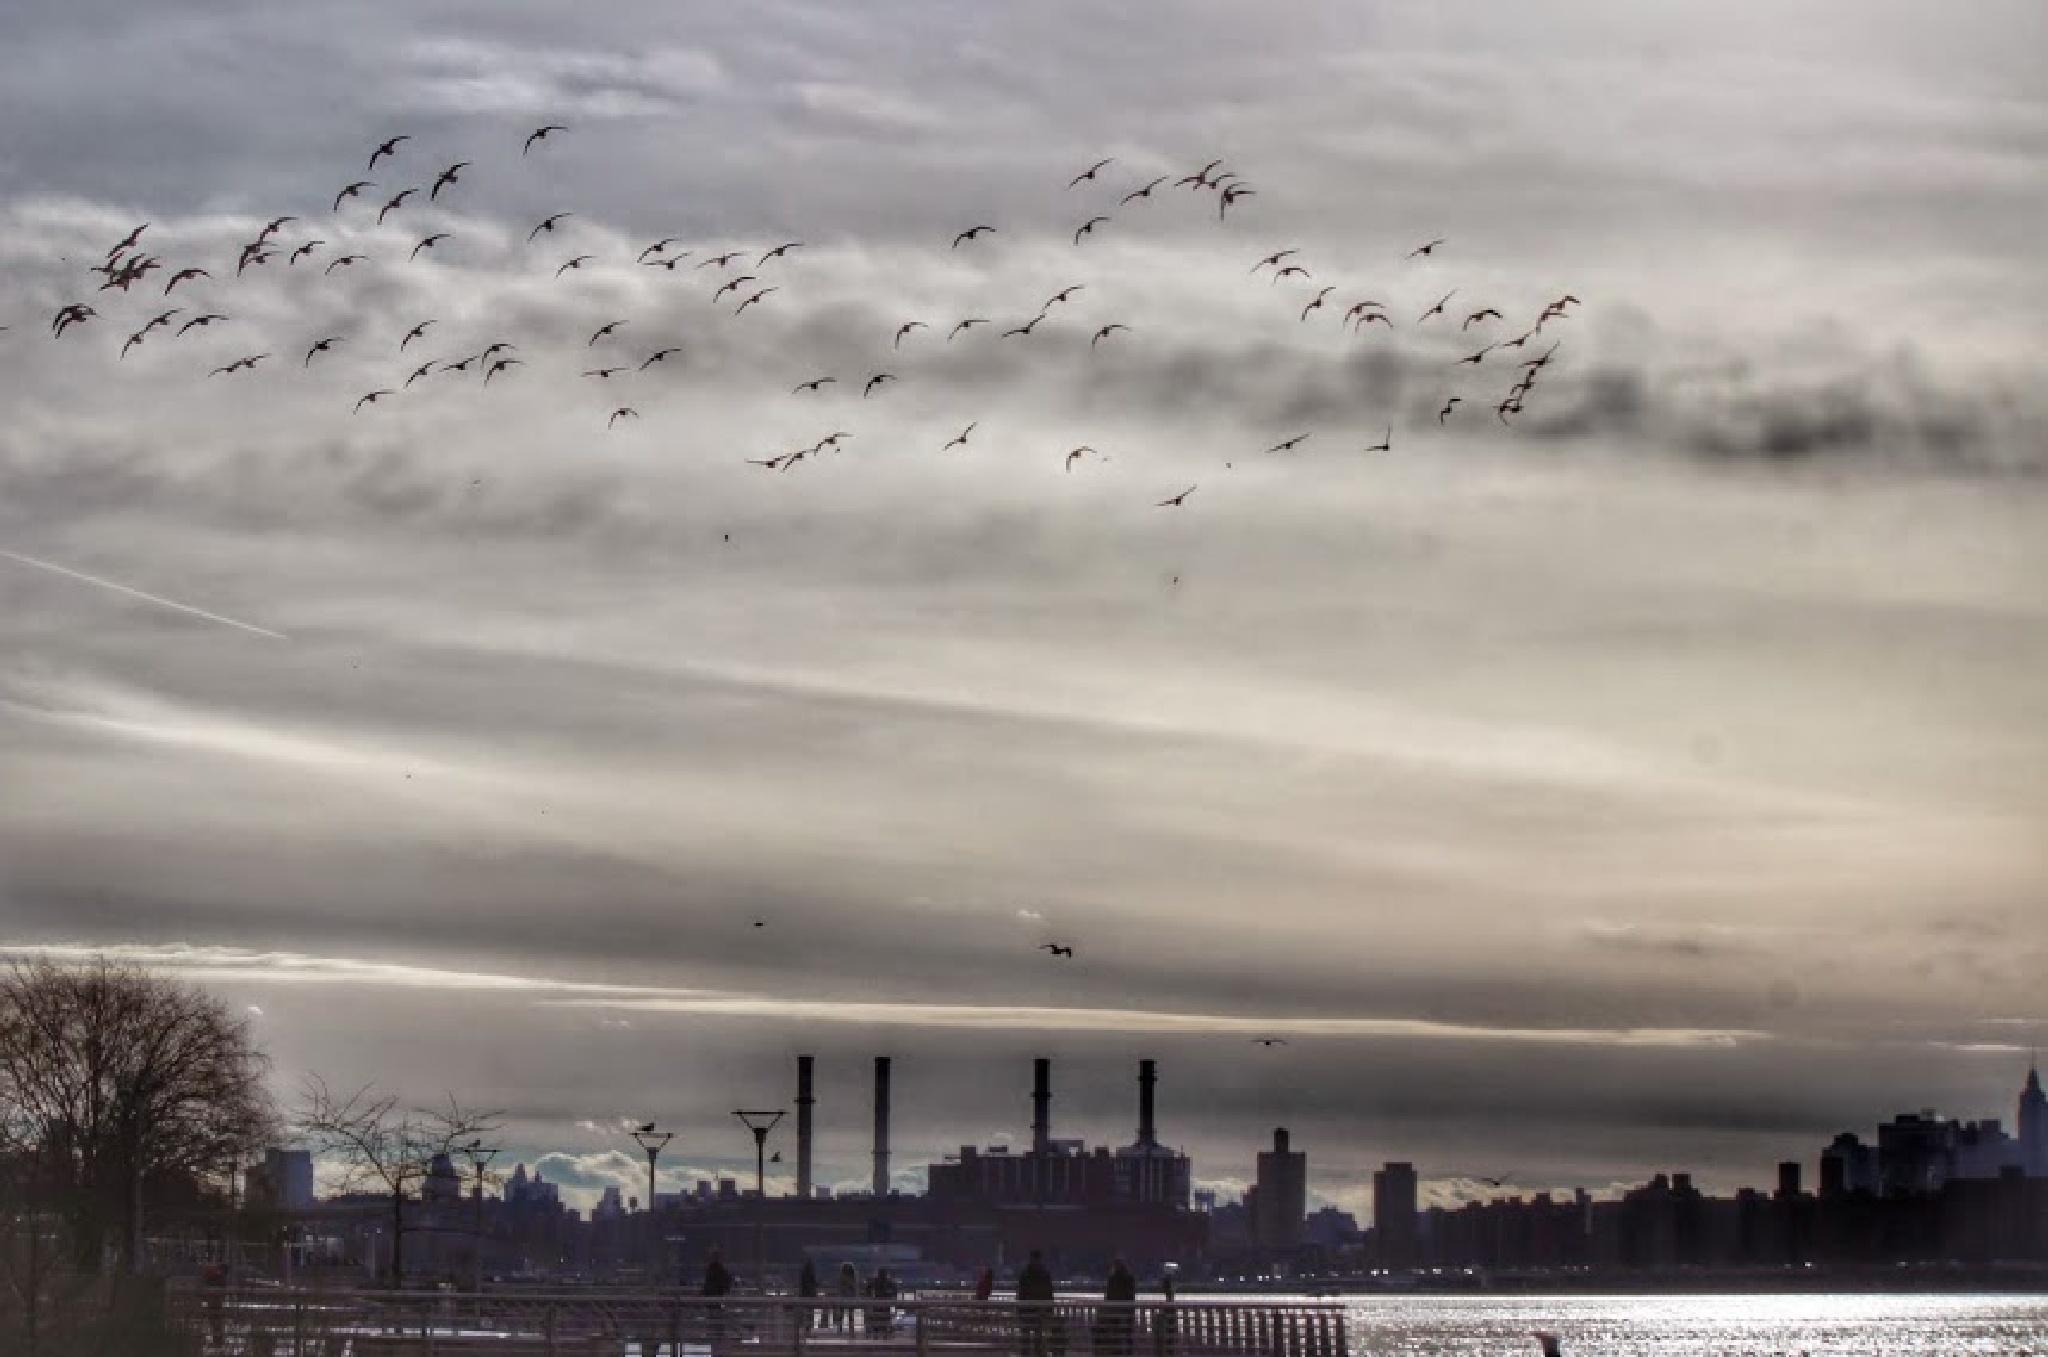 Birds by Benedito Luiz Arruda